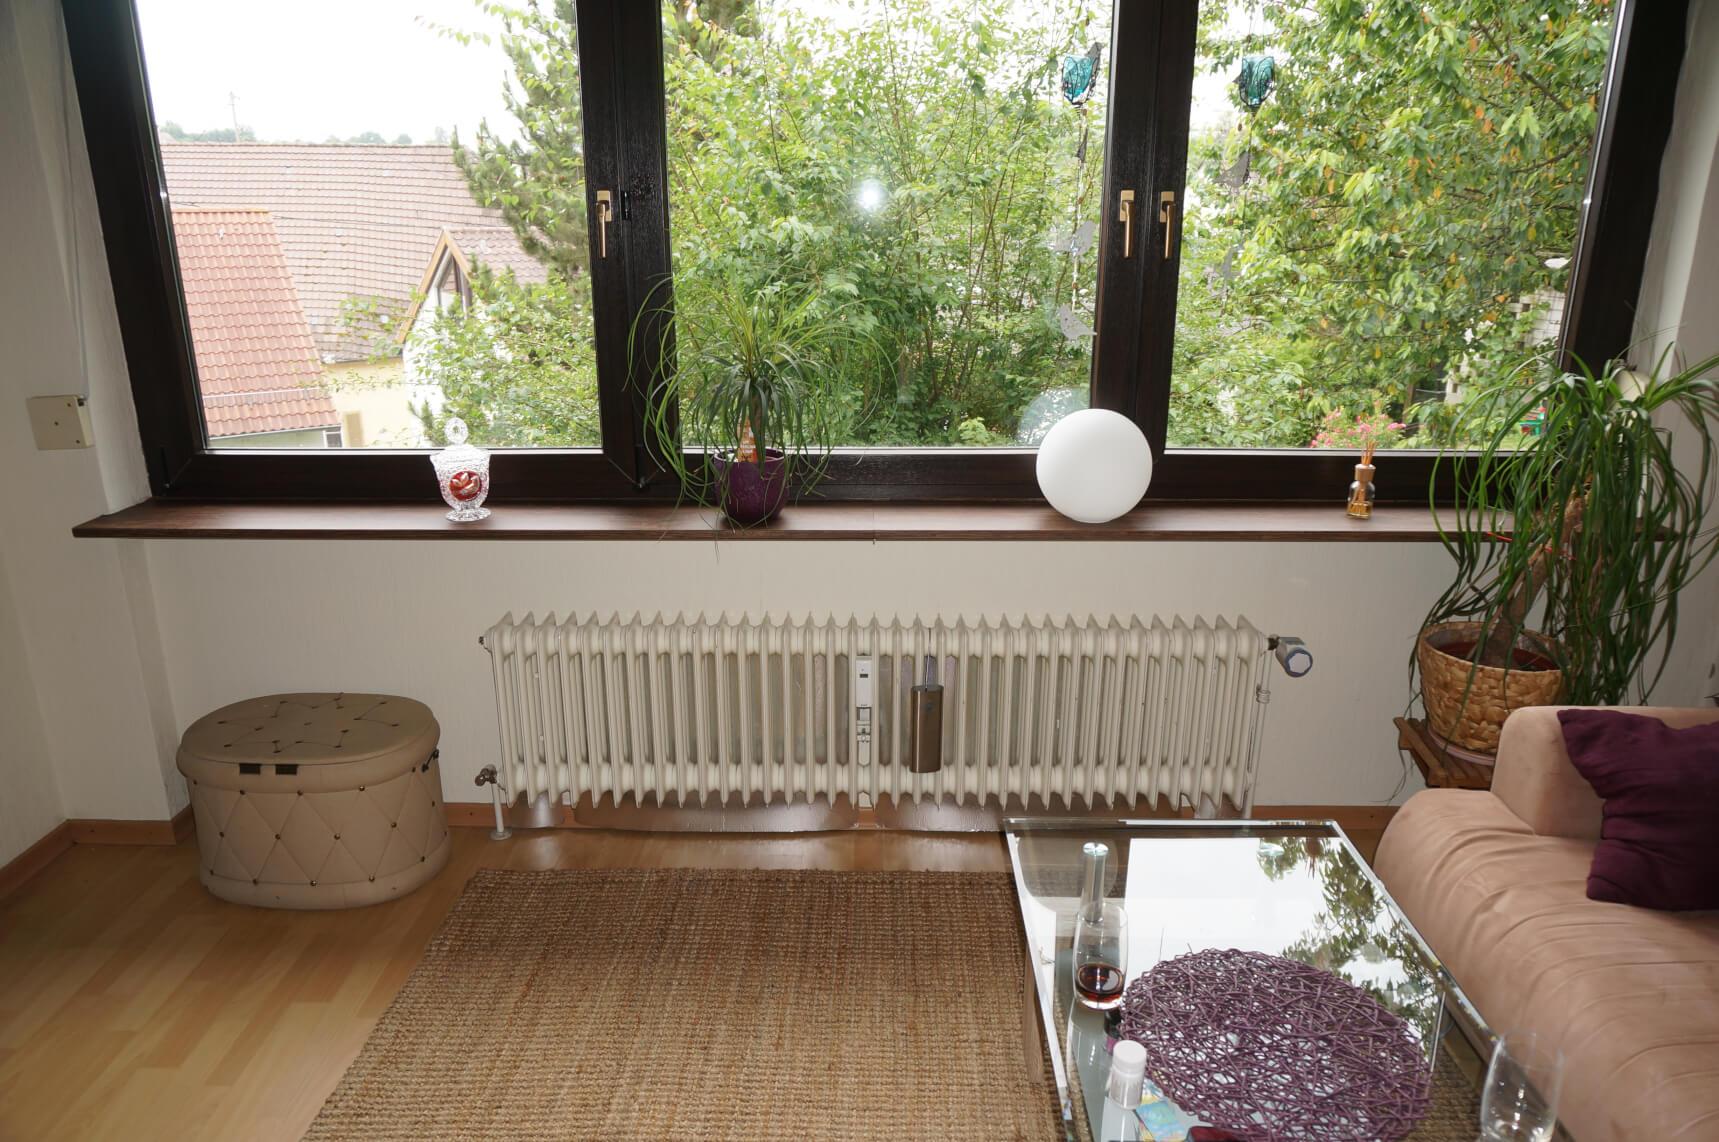 Full Size of Fensterbank Deko Holzdekor Mbelfolie Resimdo Wohnzimmer Fensterbank Dekorieren